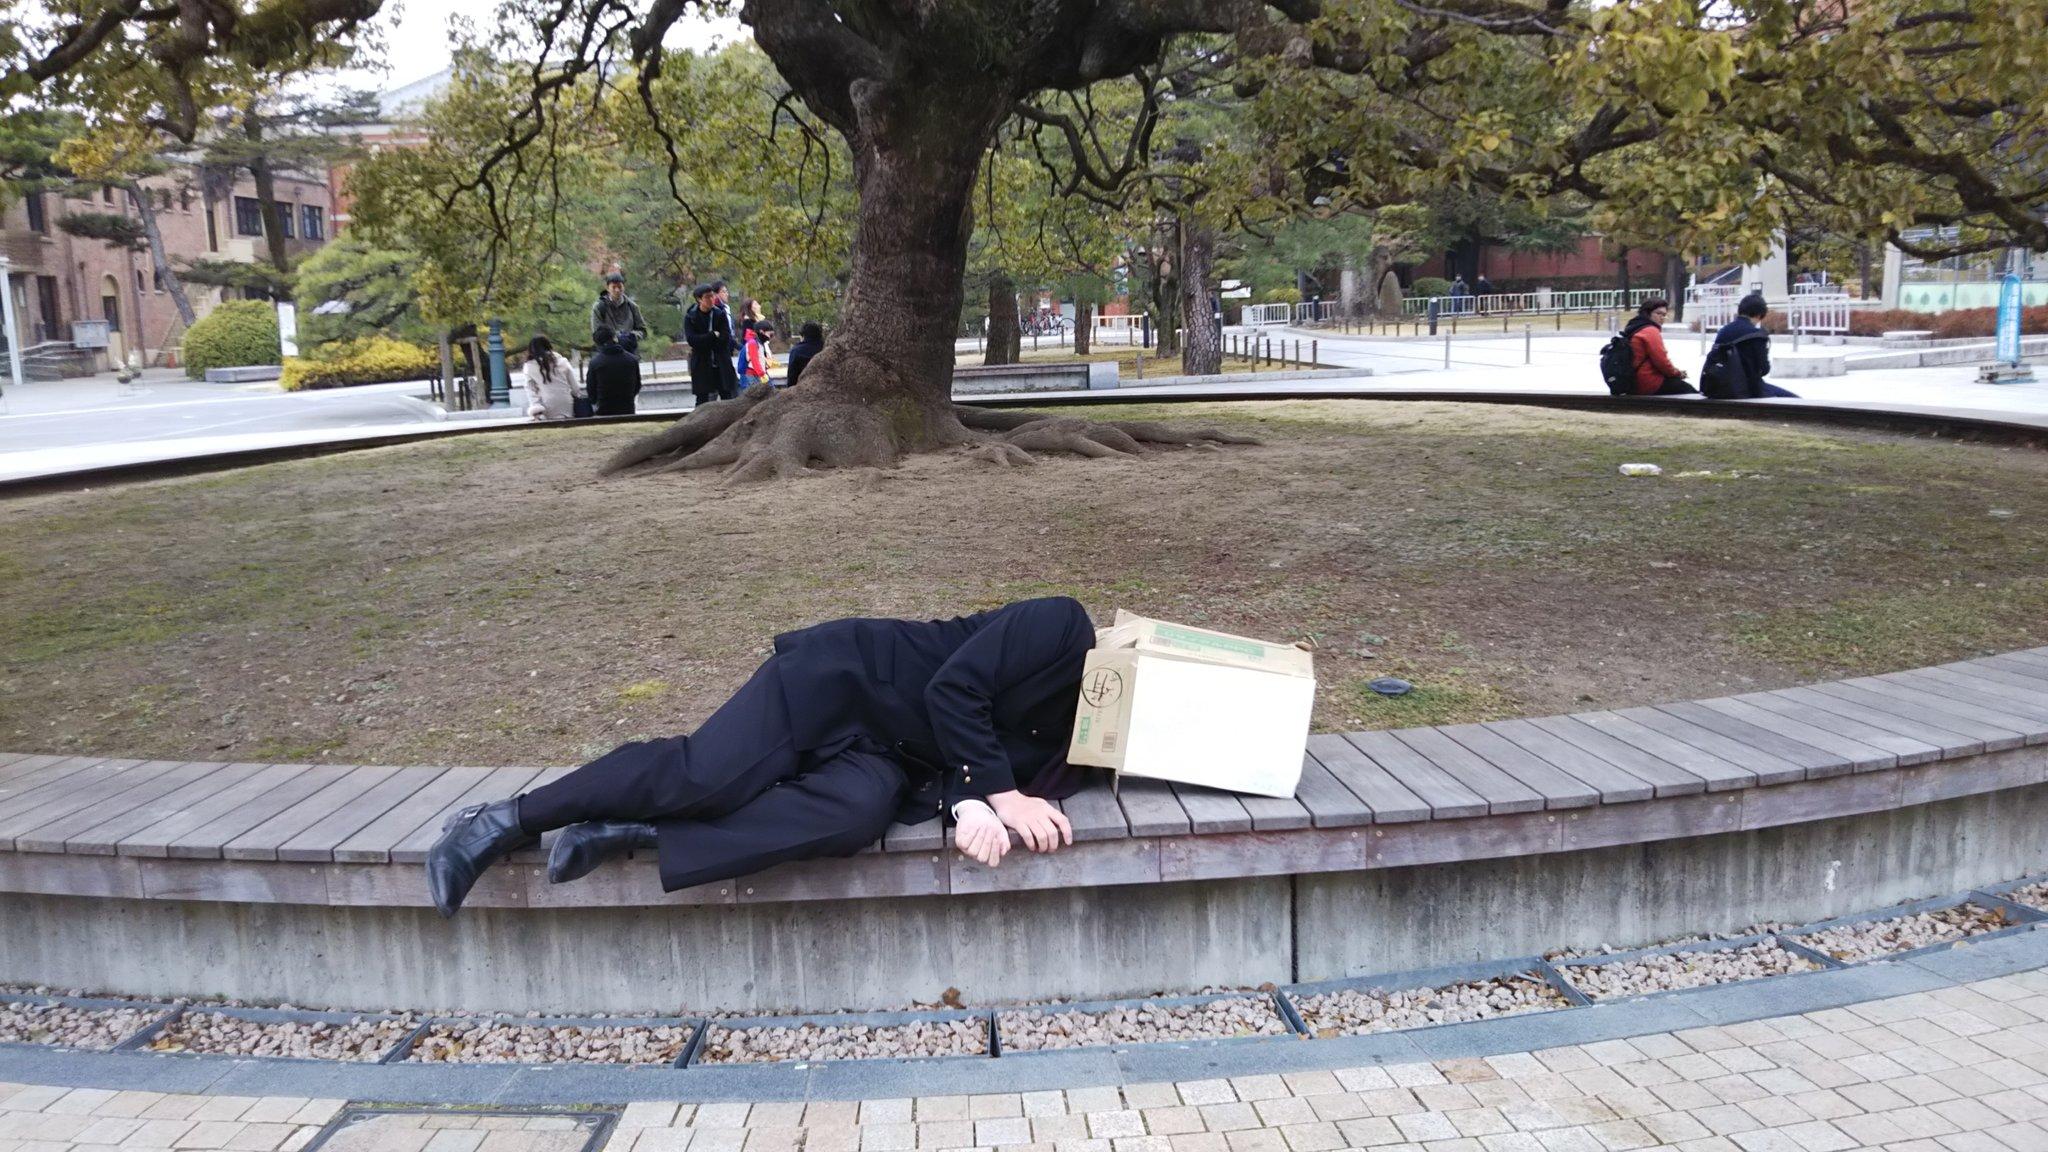 京都大学ただいまの時刻は14:17